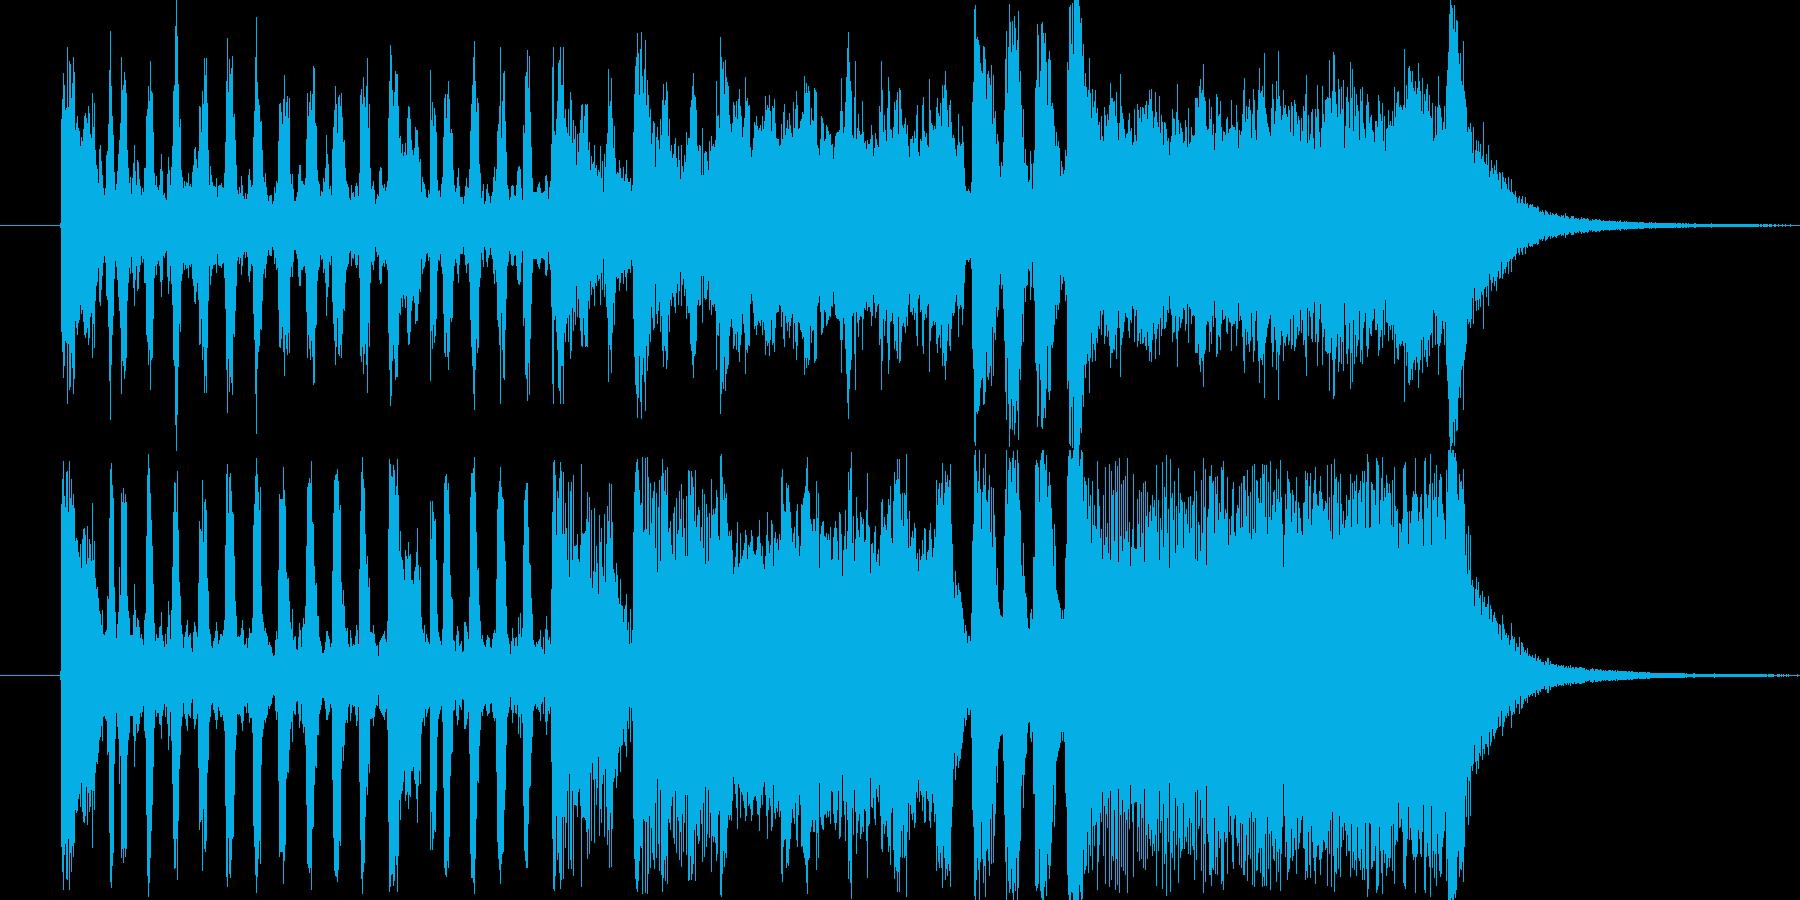 金管楽器ファンファーレC・賞発表・競馬風の再生済みの波形